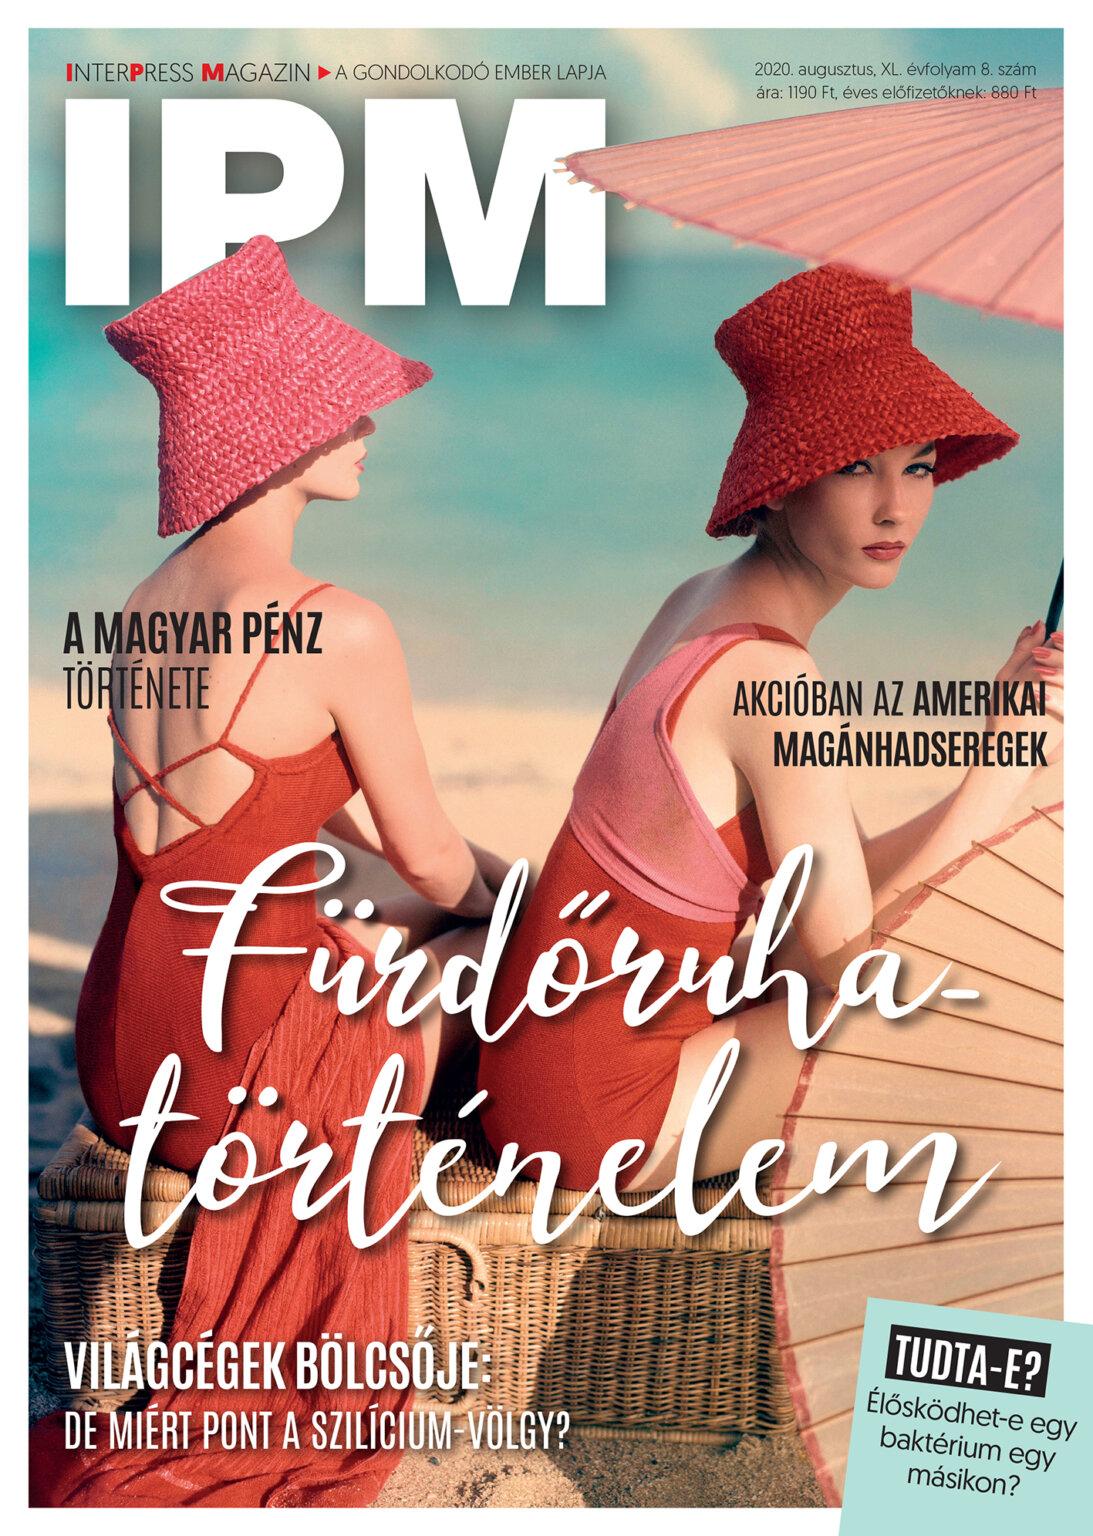 Megjelent az IPM augusztusi száma!